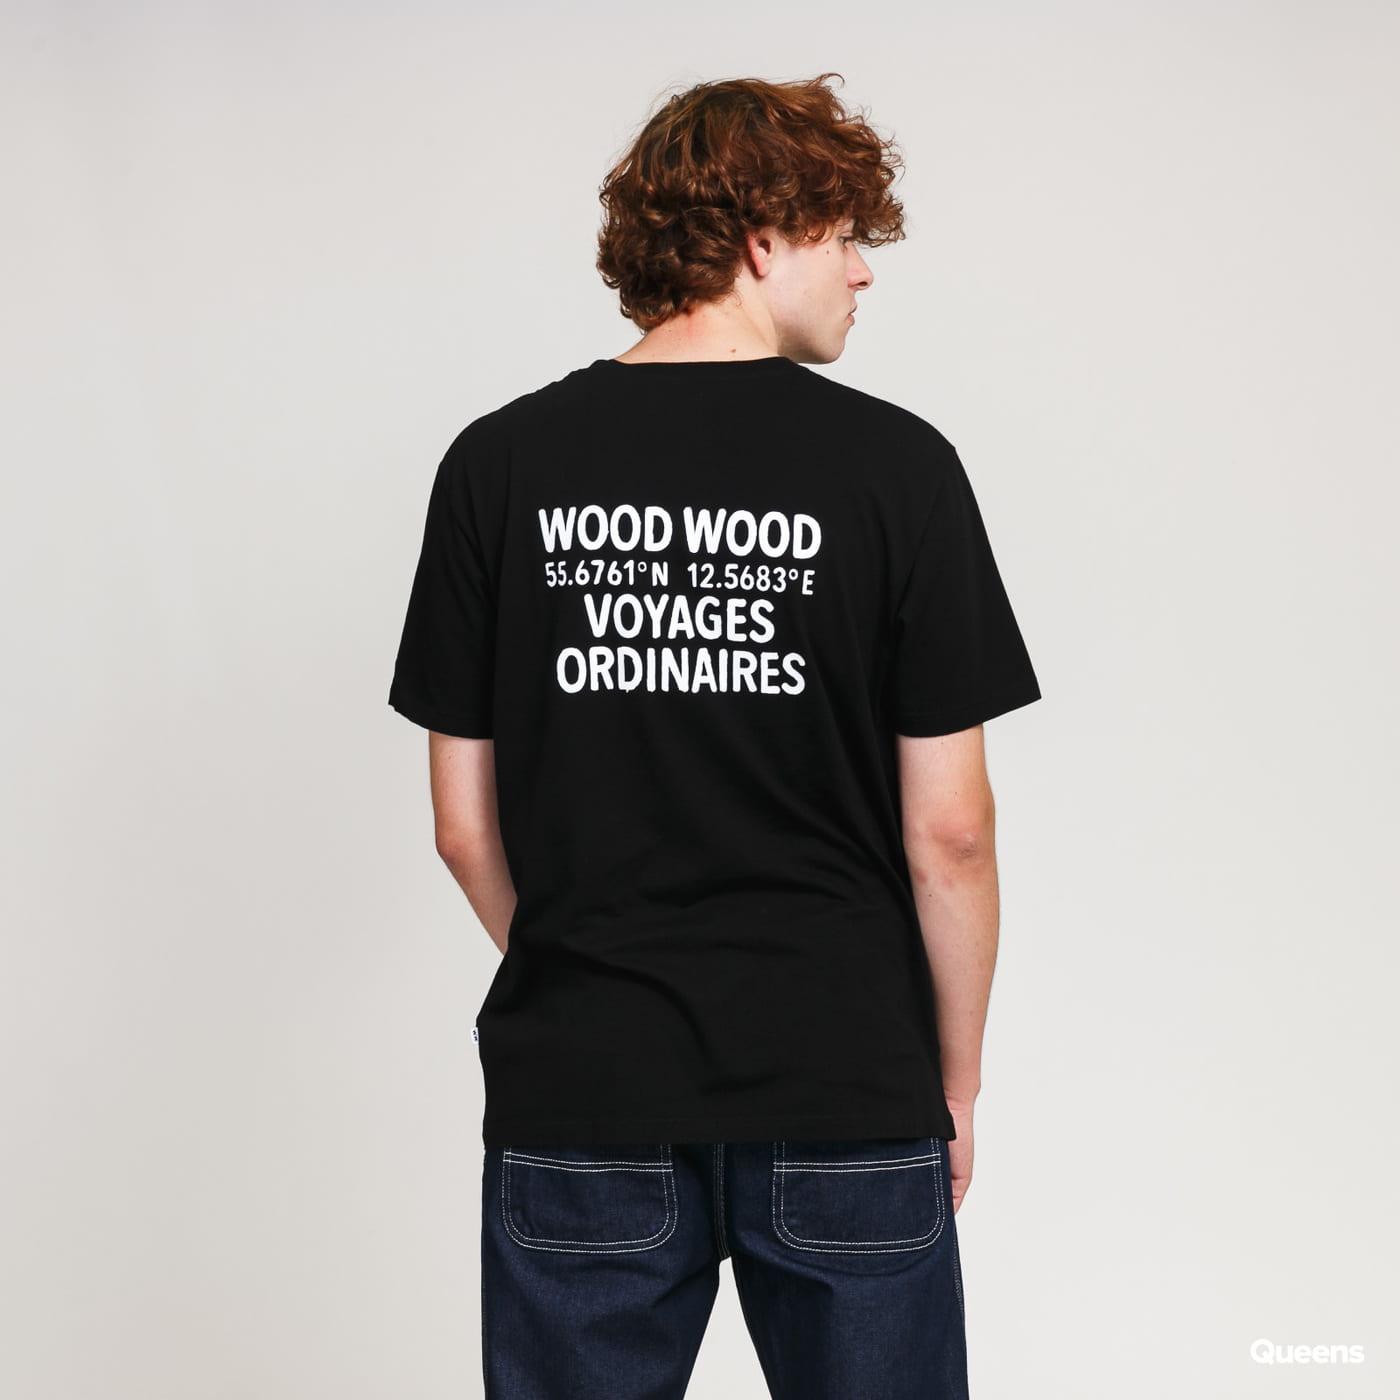 WOOD WOOD Voyages Tee black